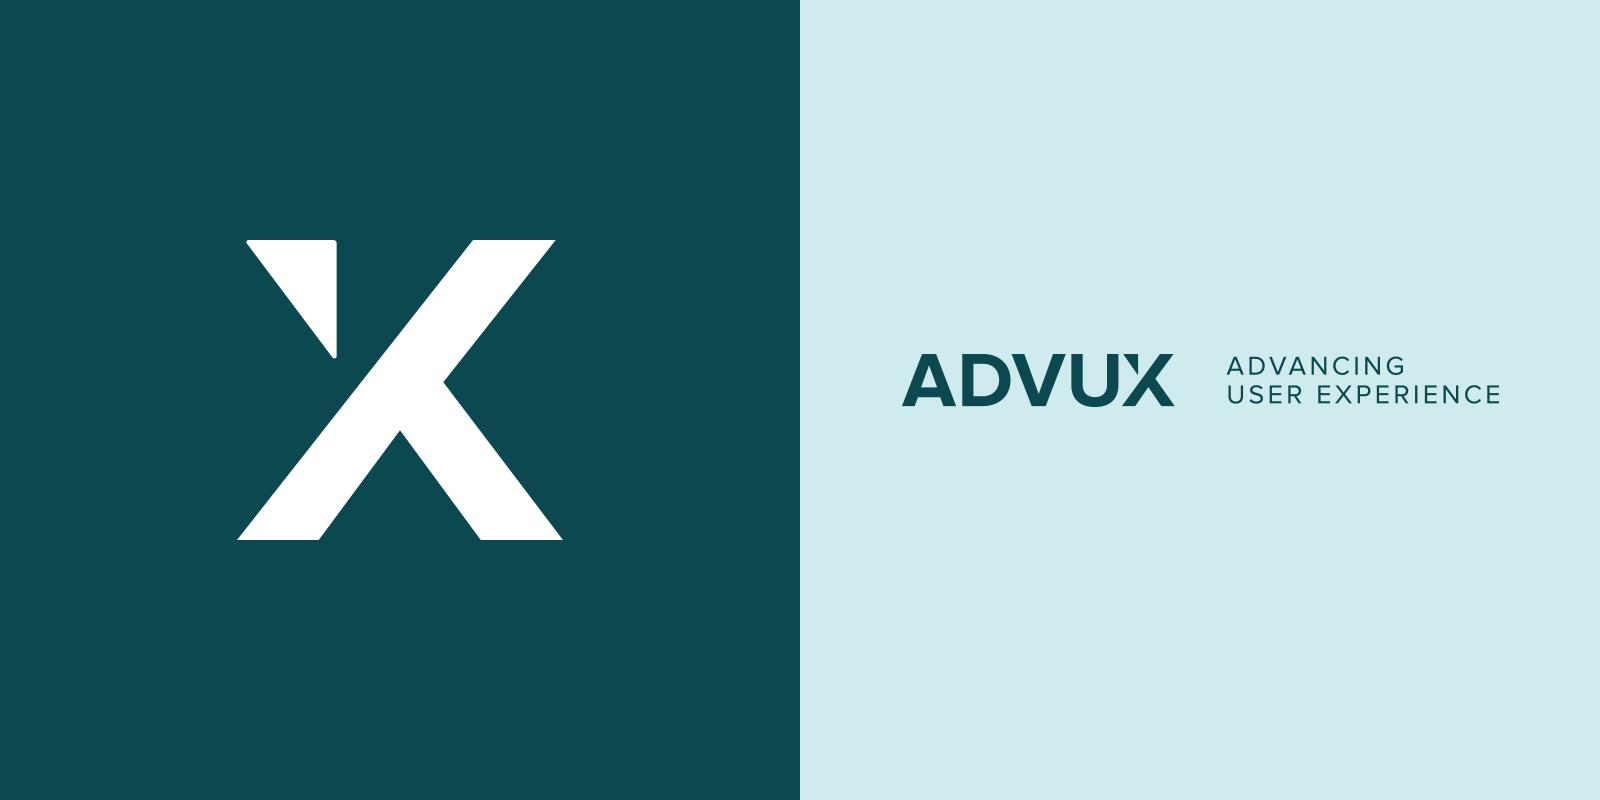 advux-logos-icon